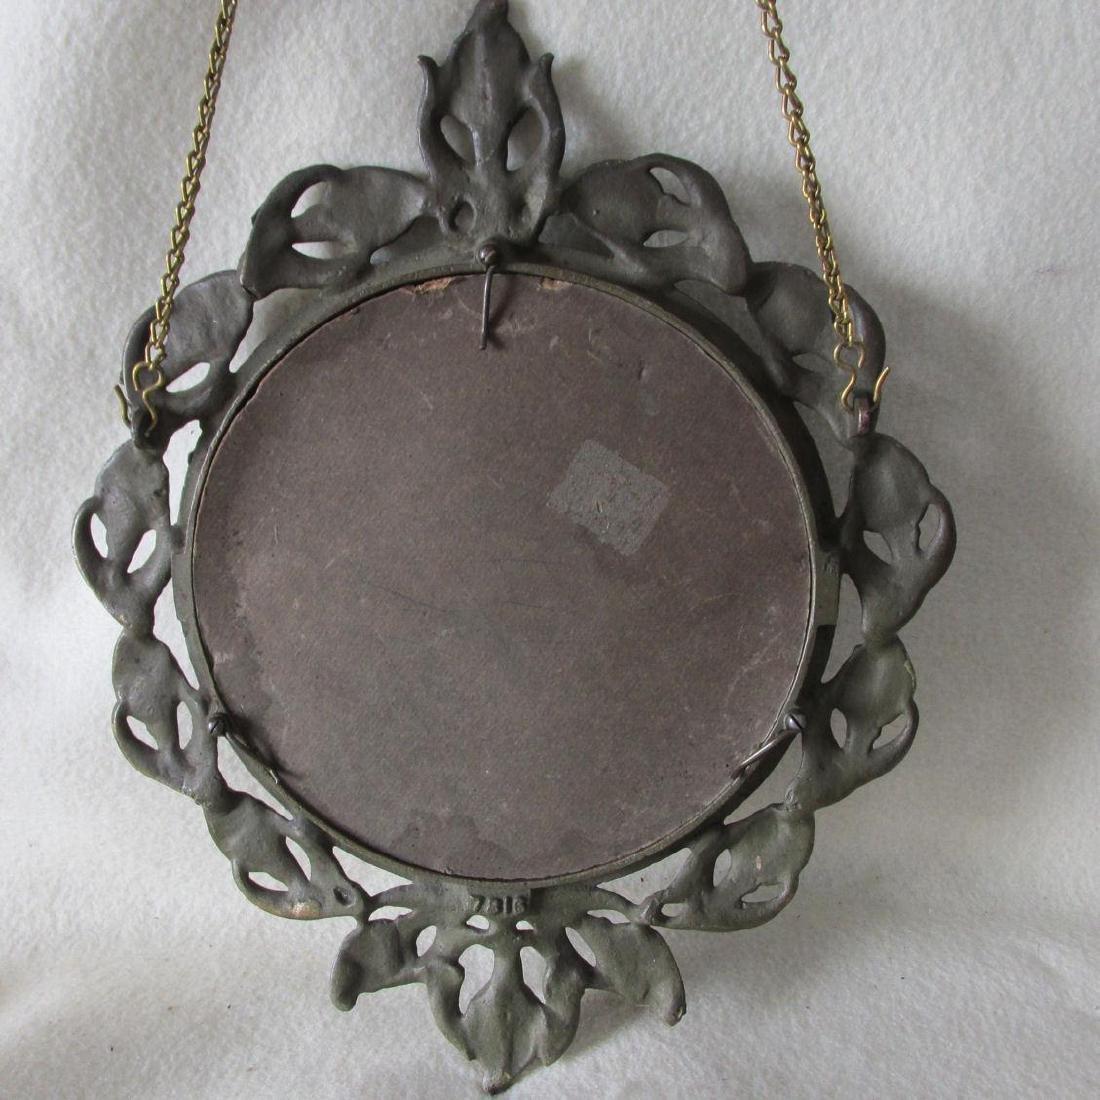 Antique Art Nouveau Hanging Picture Frame - 6